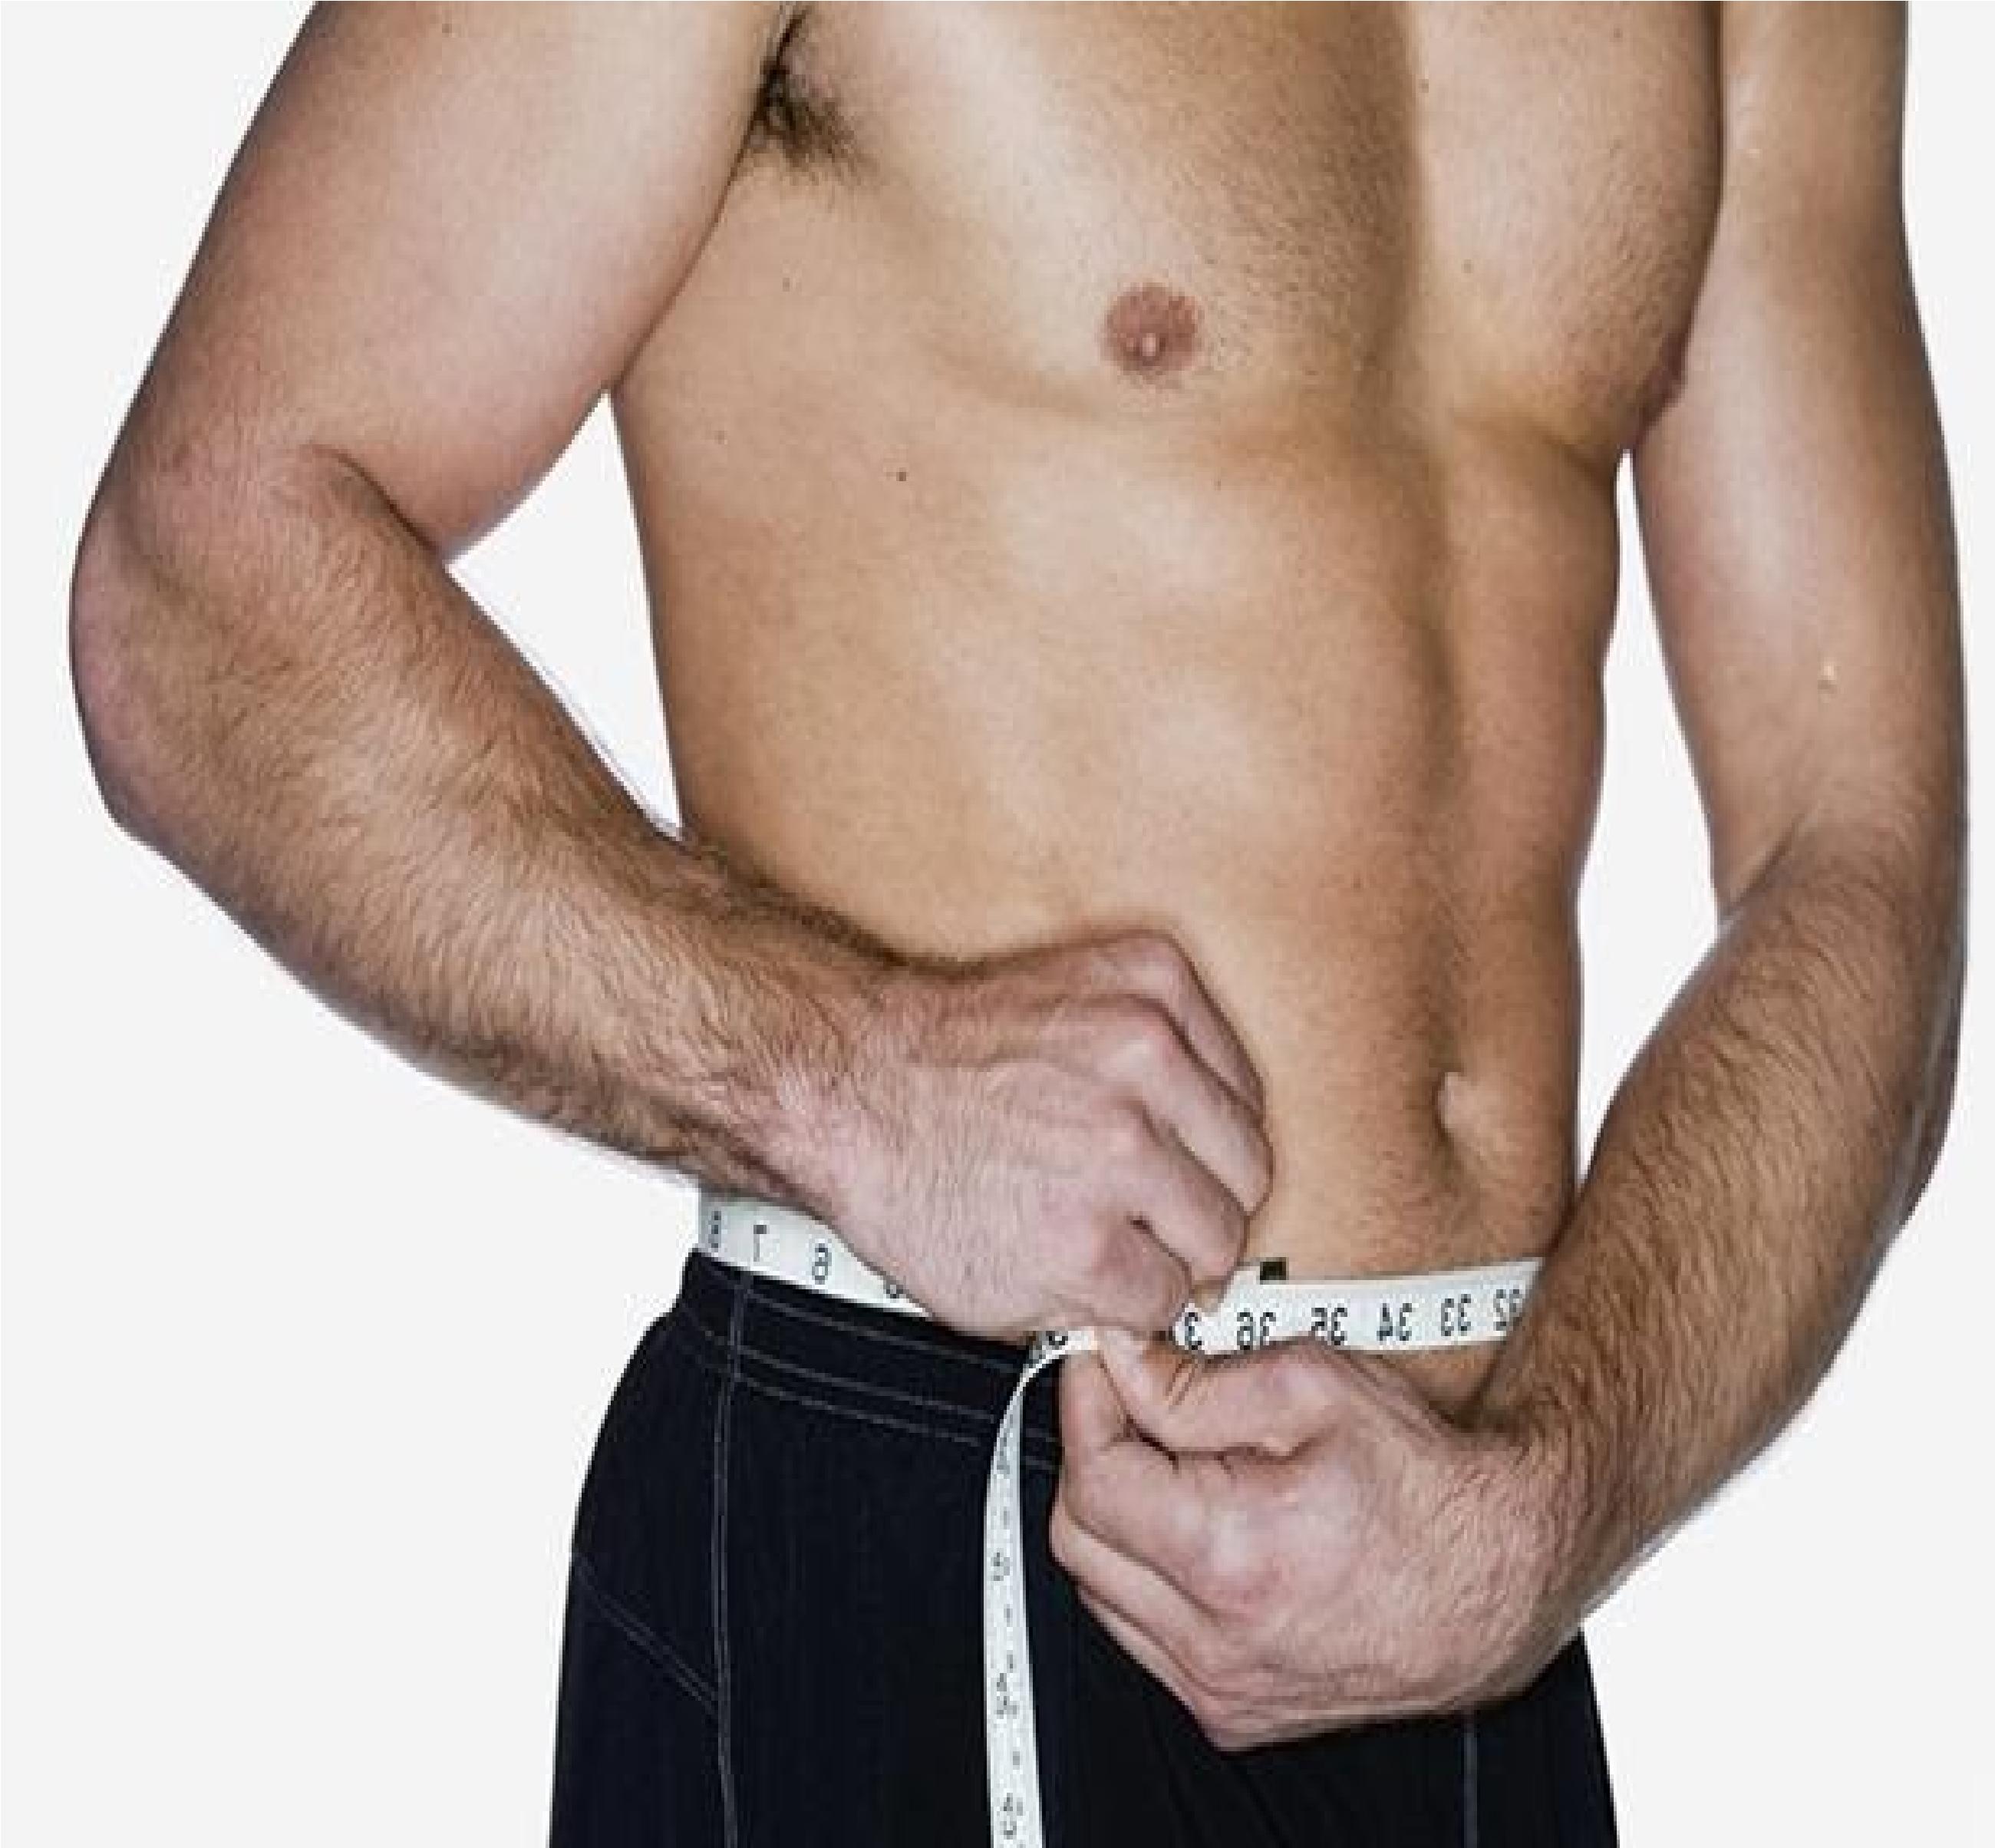 Consejos para bajar de peso hombres necios